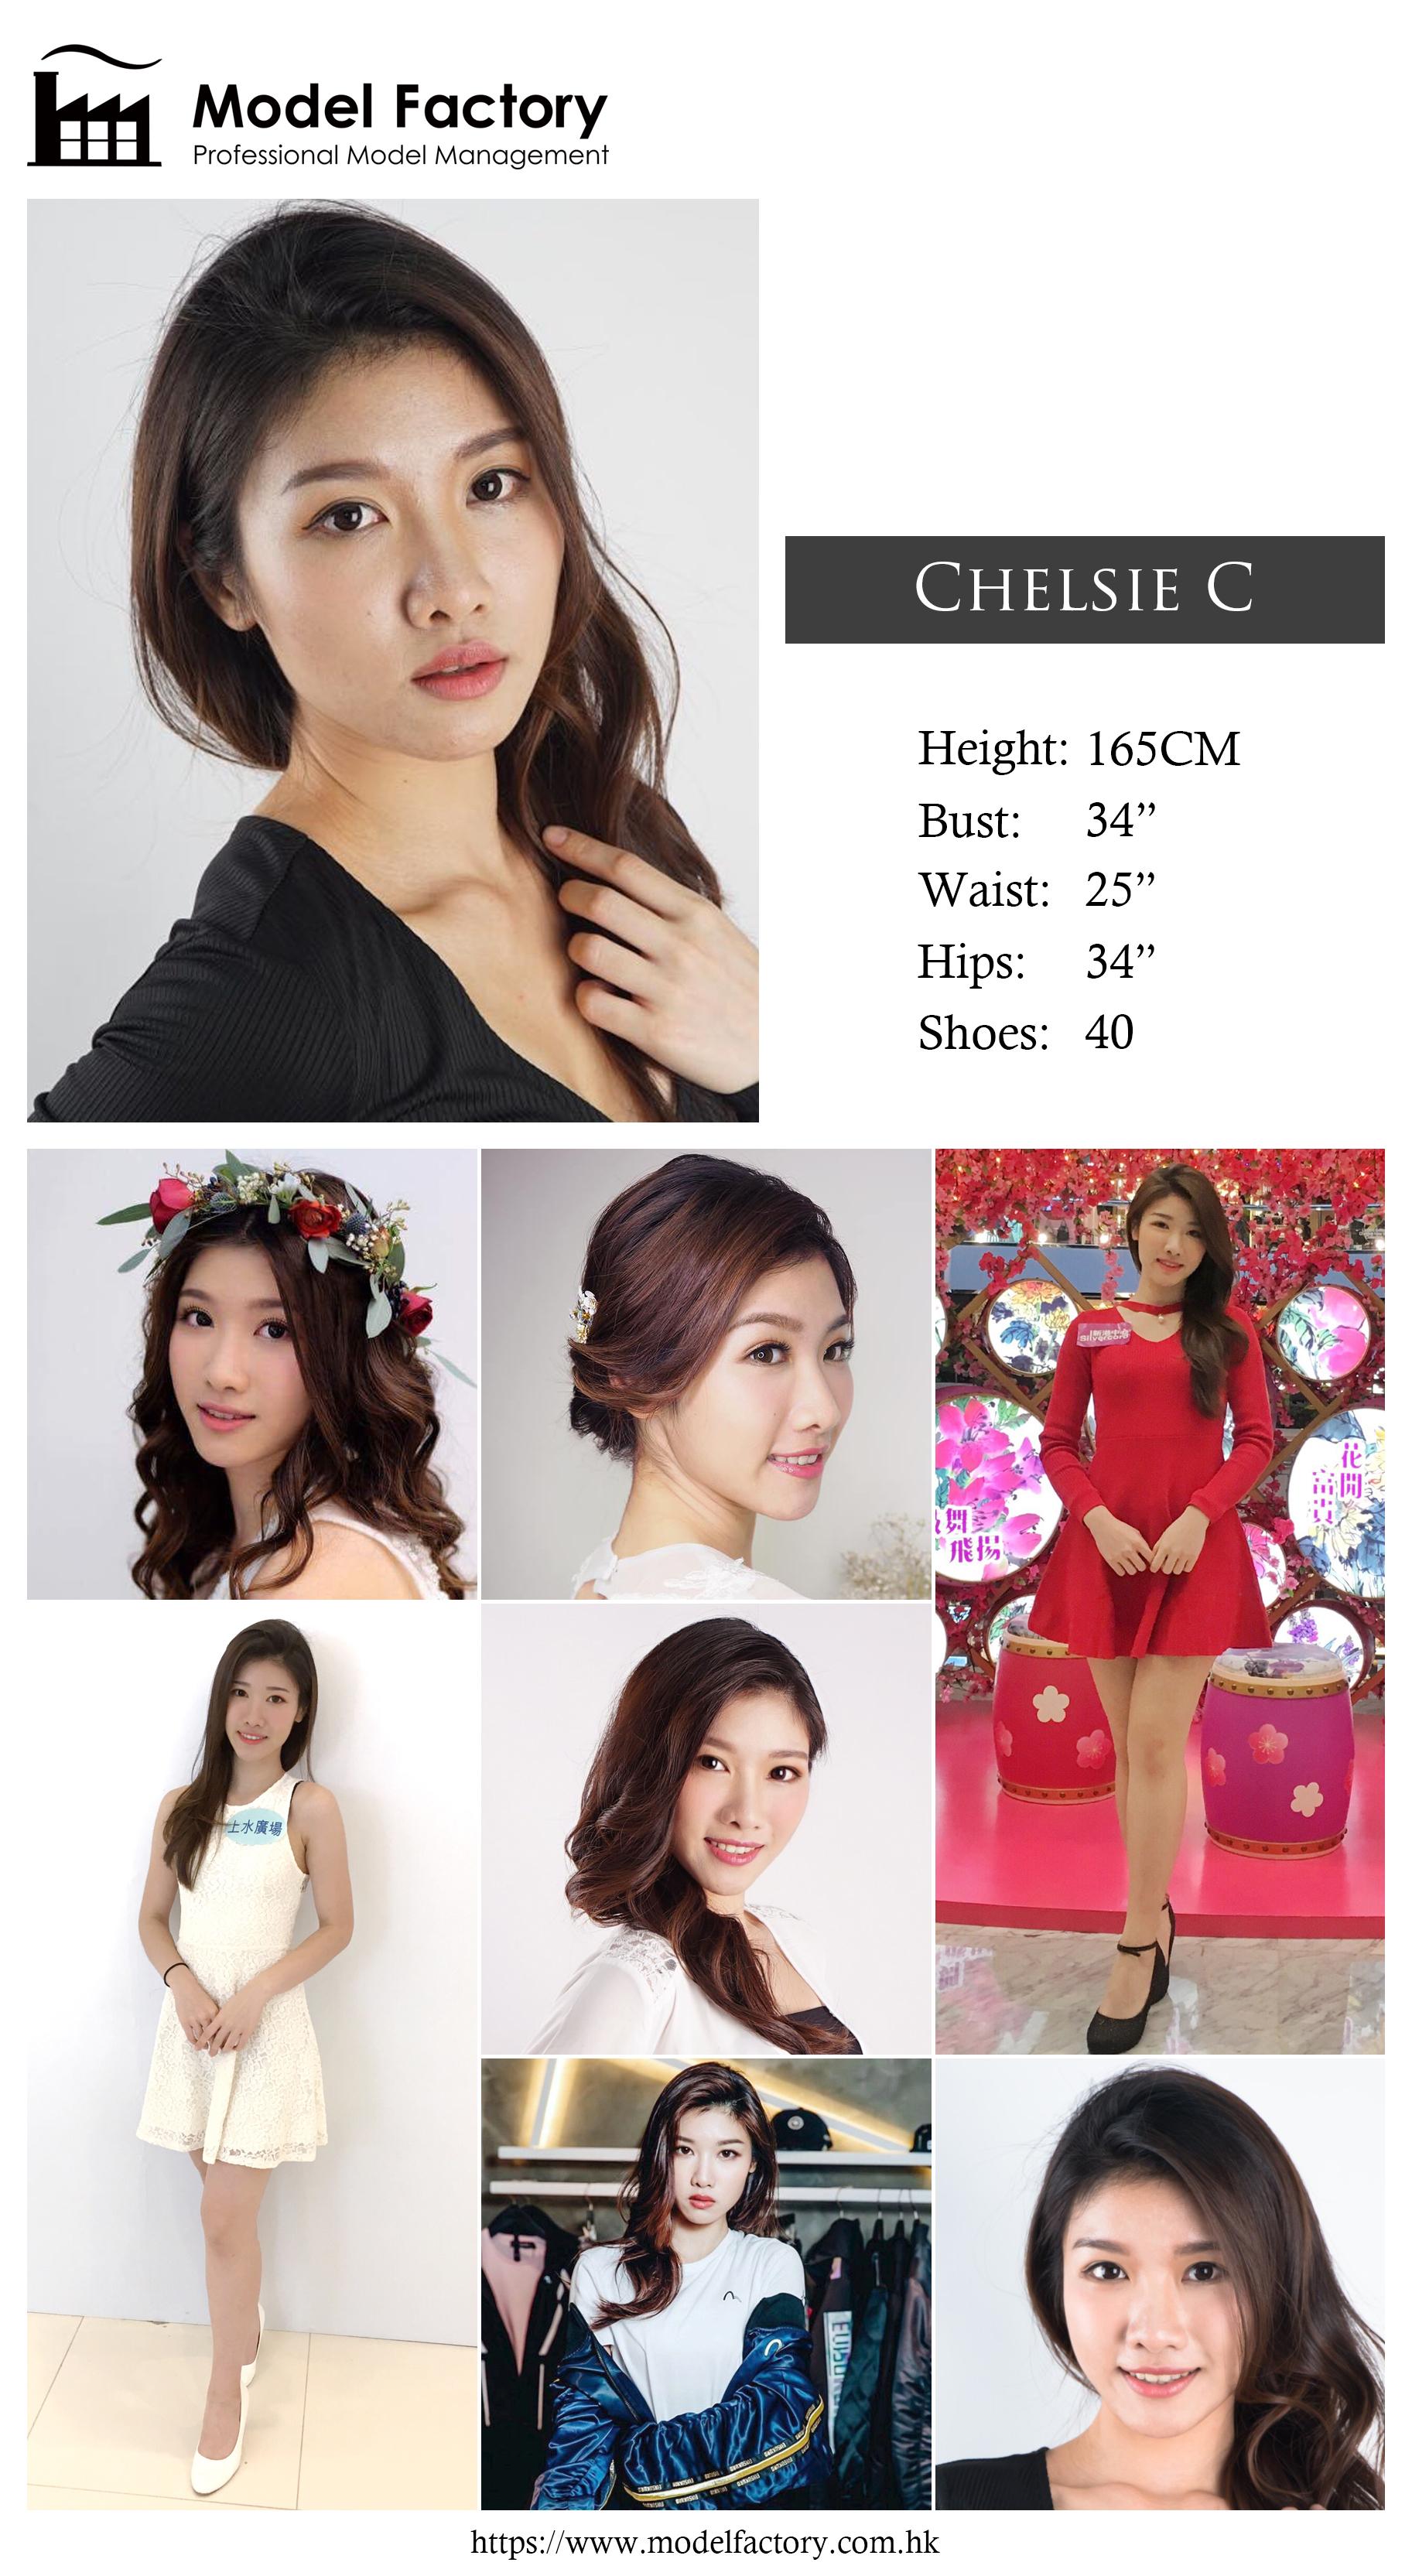 Model Factory Hong Kong Female Model ChelsieC